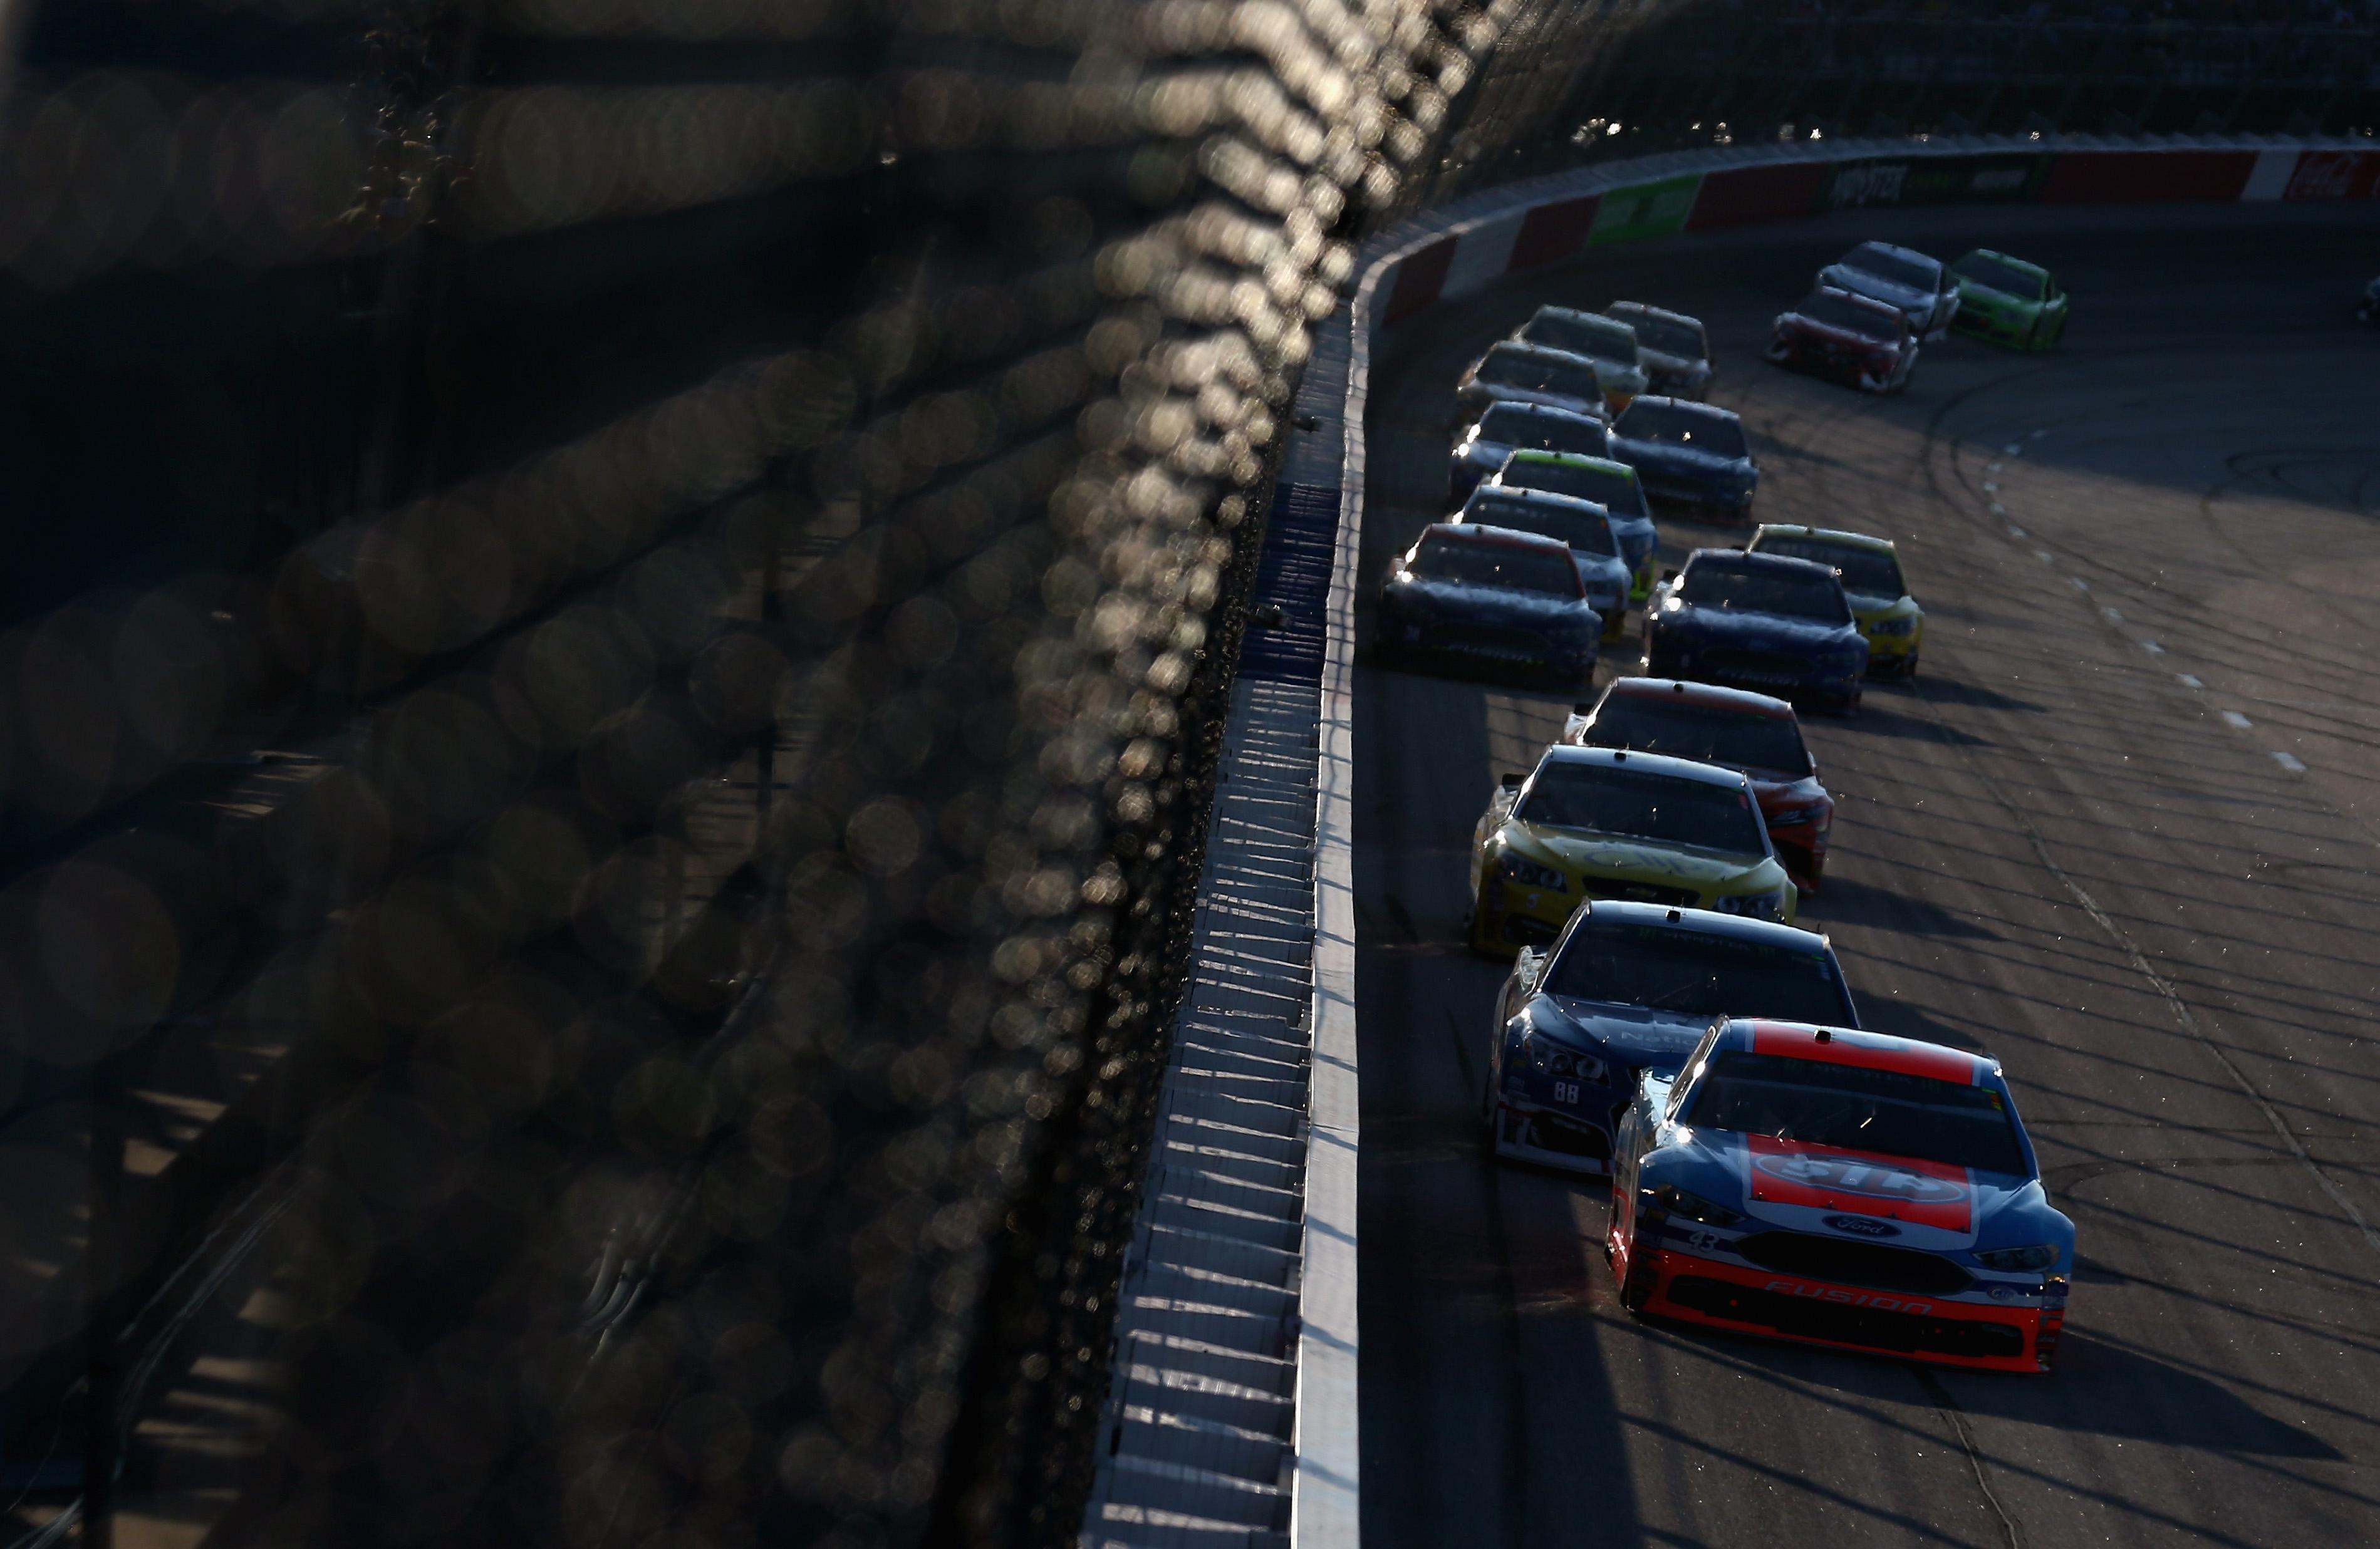 NASCAR community comments on Subway pulling Suarez sponsorship